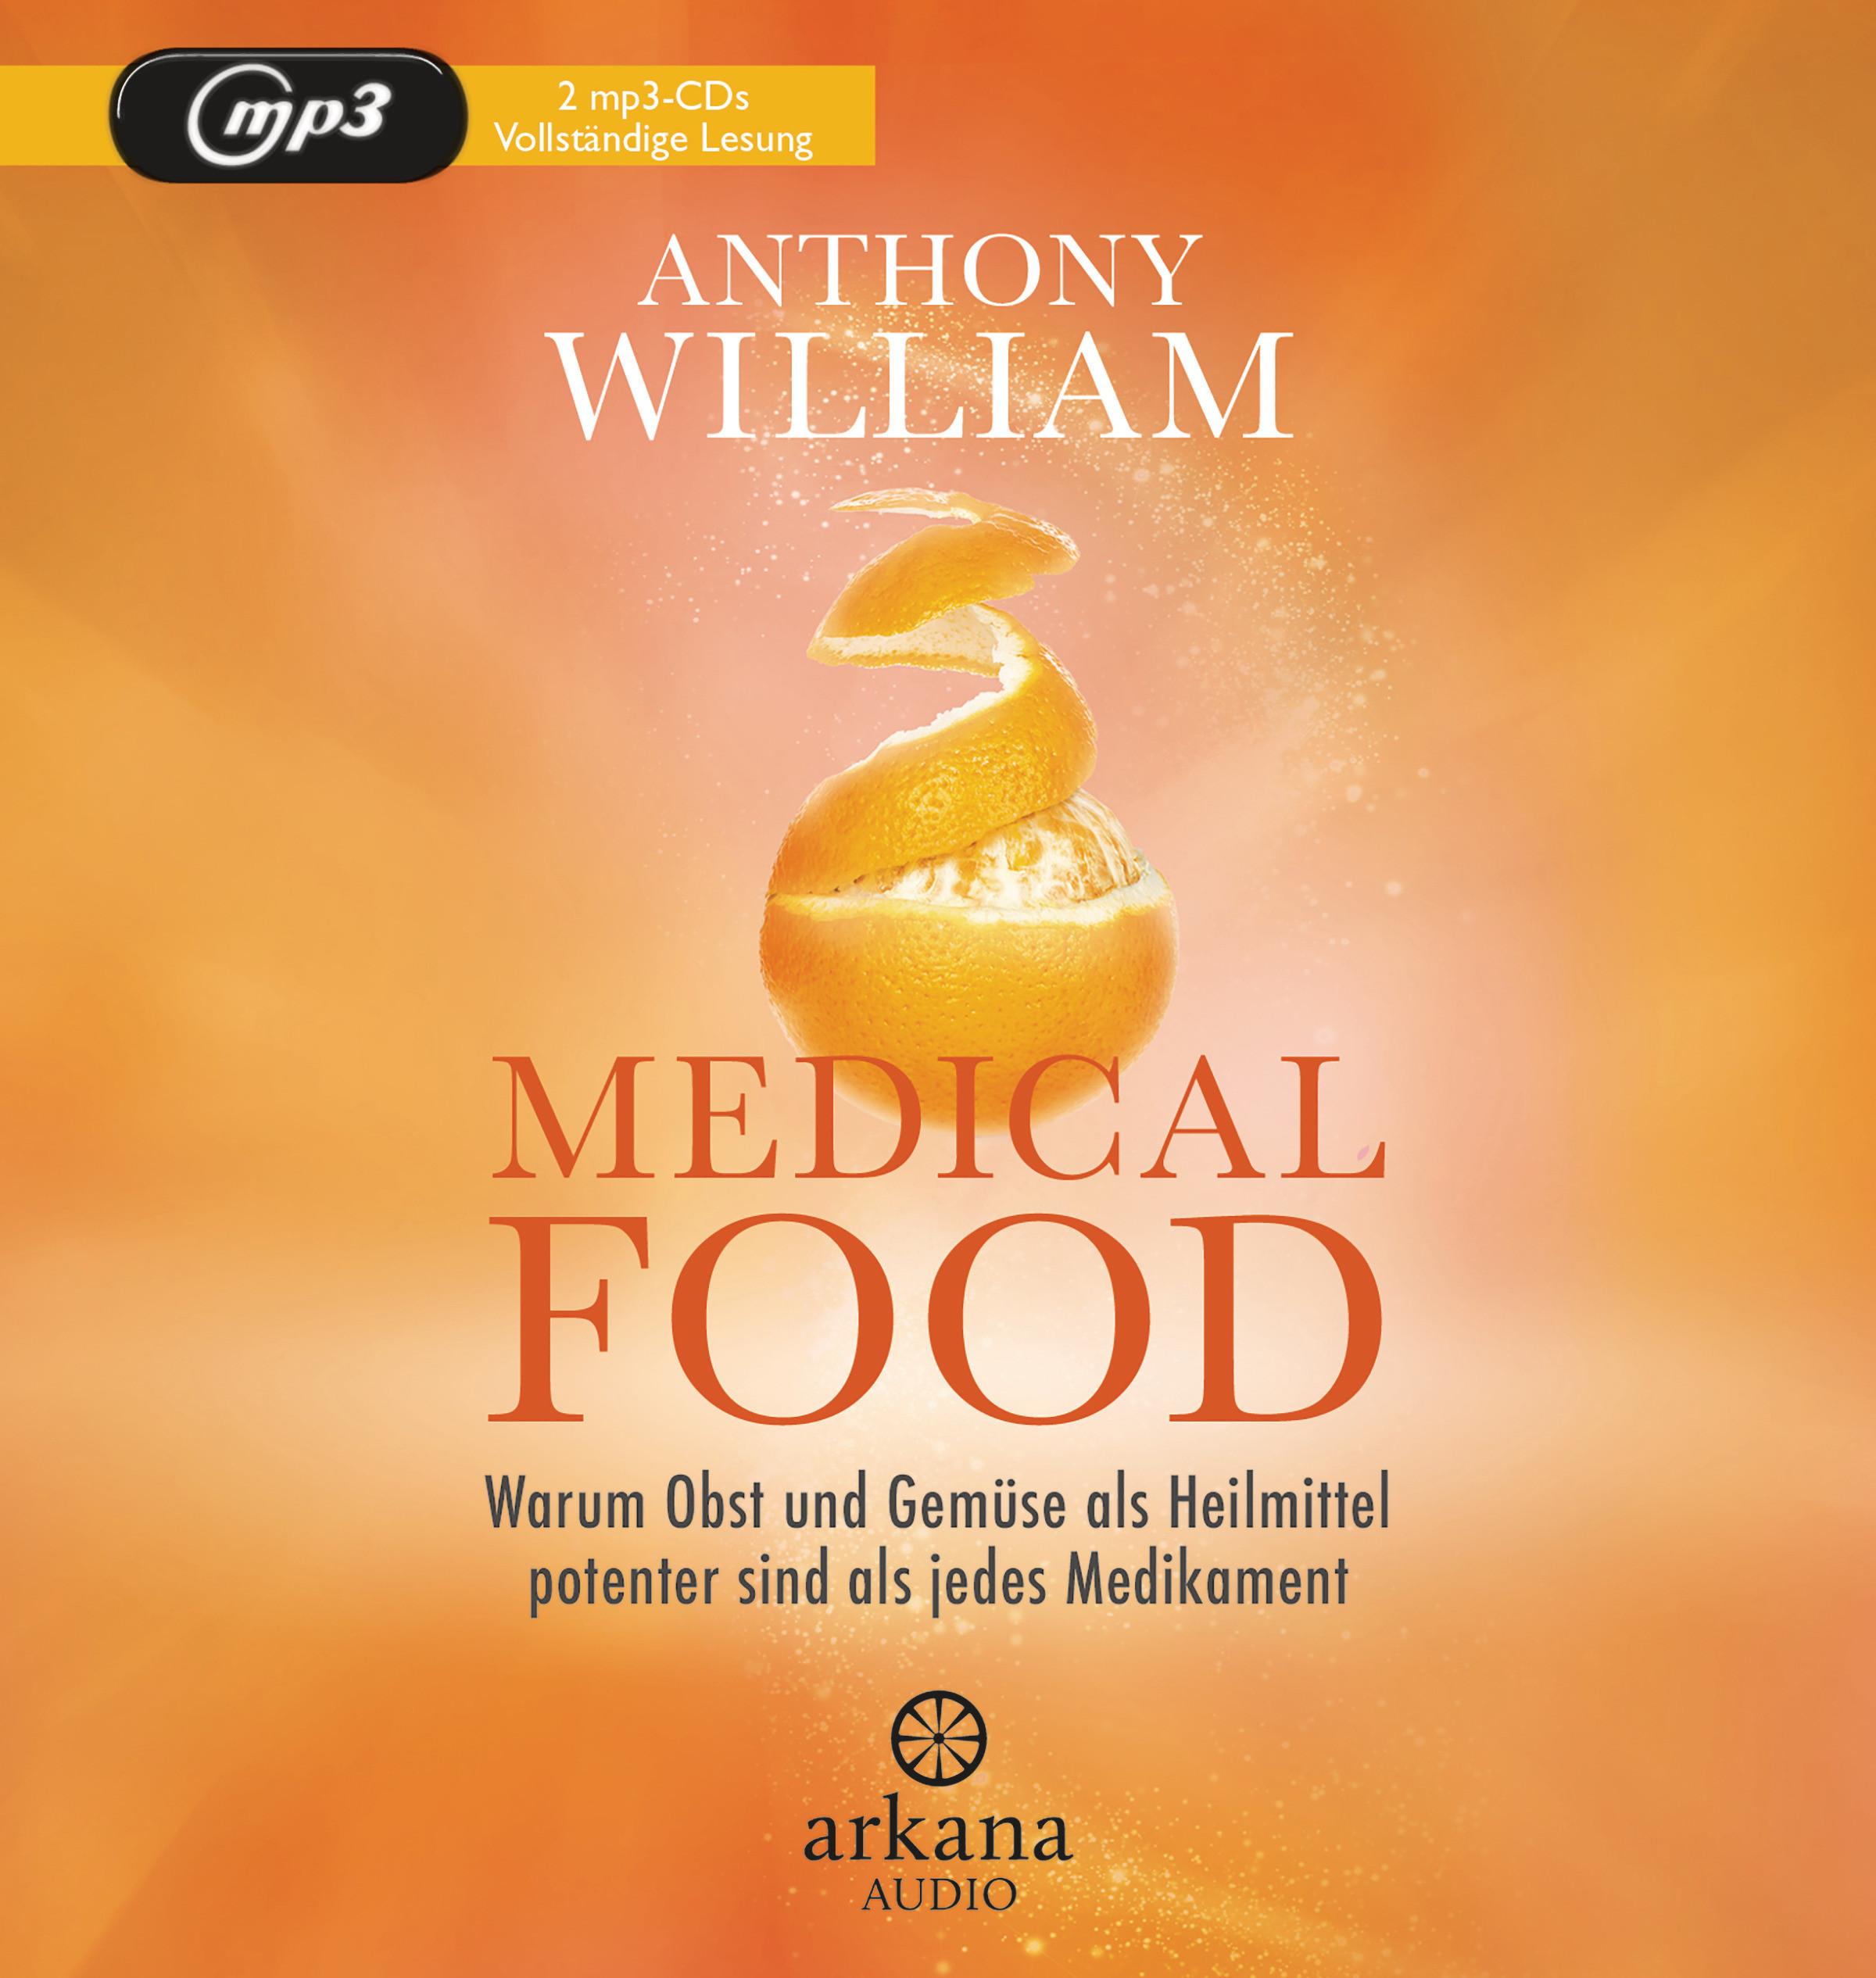 Anthony William - Medical Food: Warum Obst und Gemüse als Heilmittel potenter sind als jedes Medikament